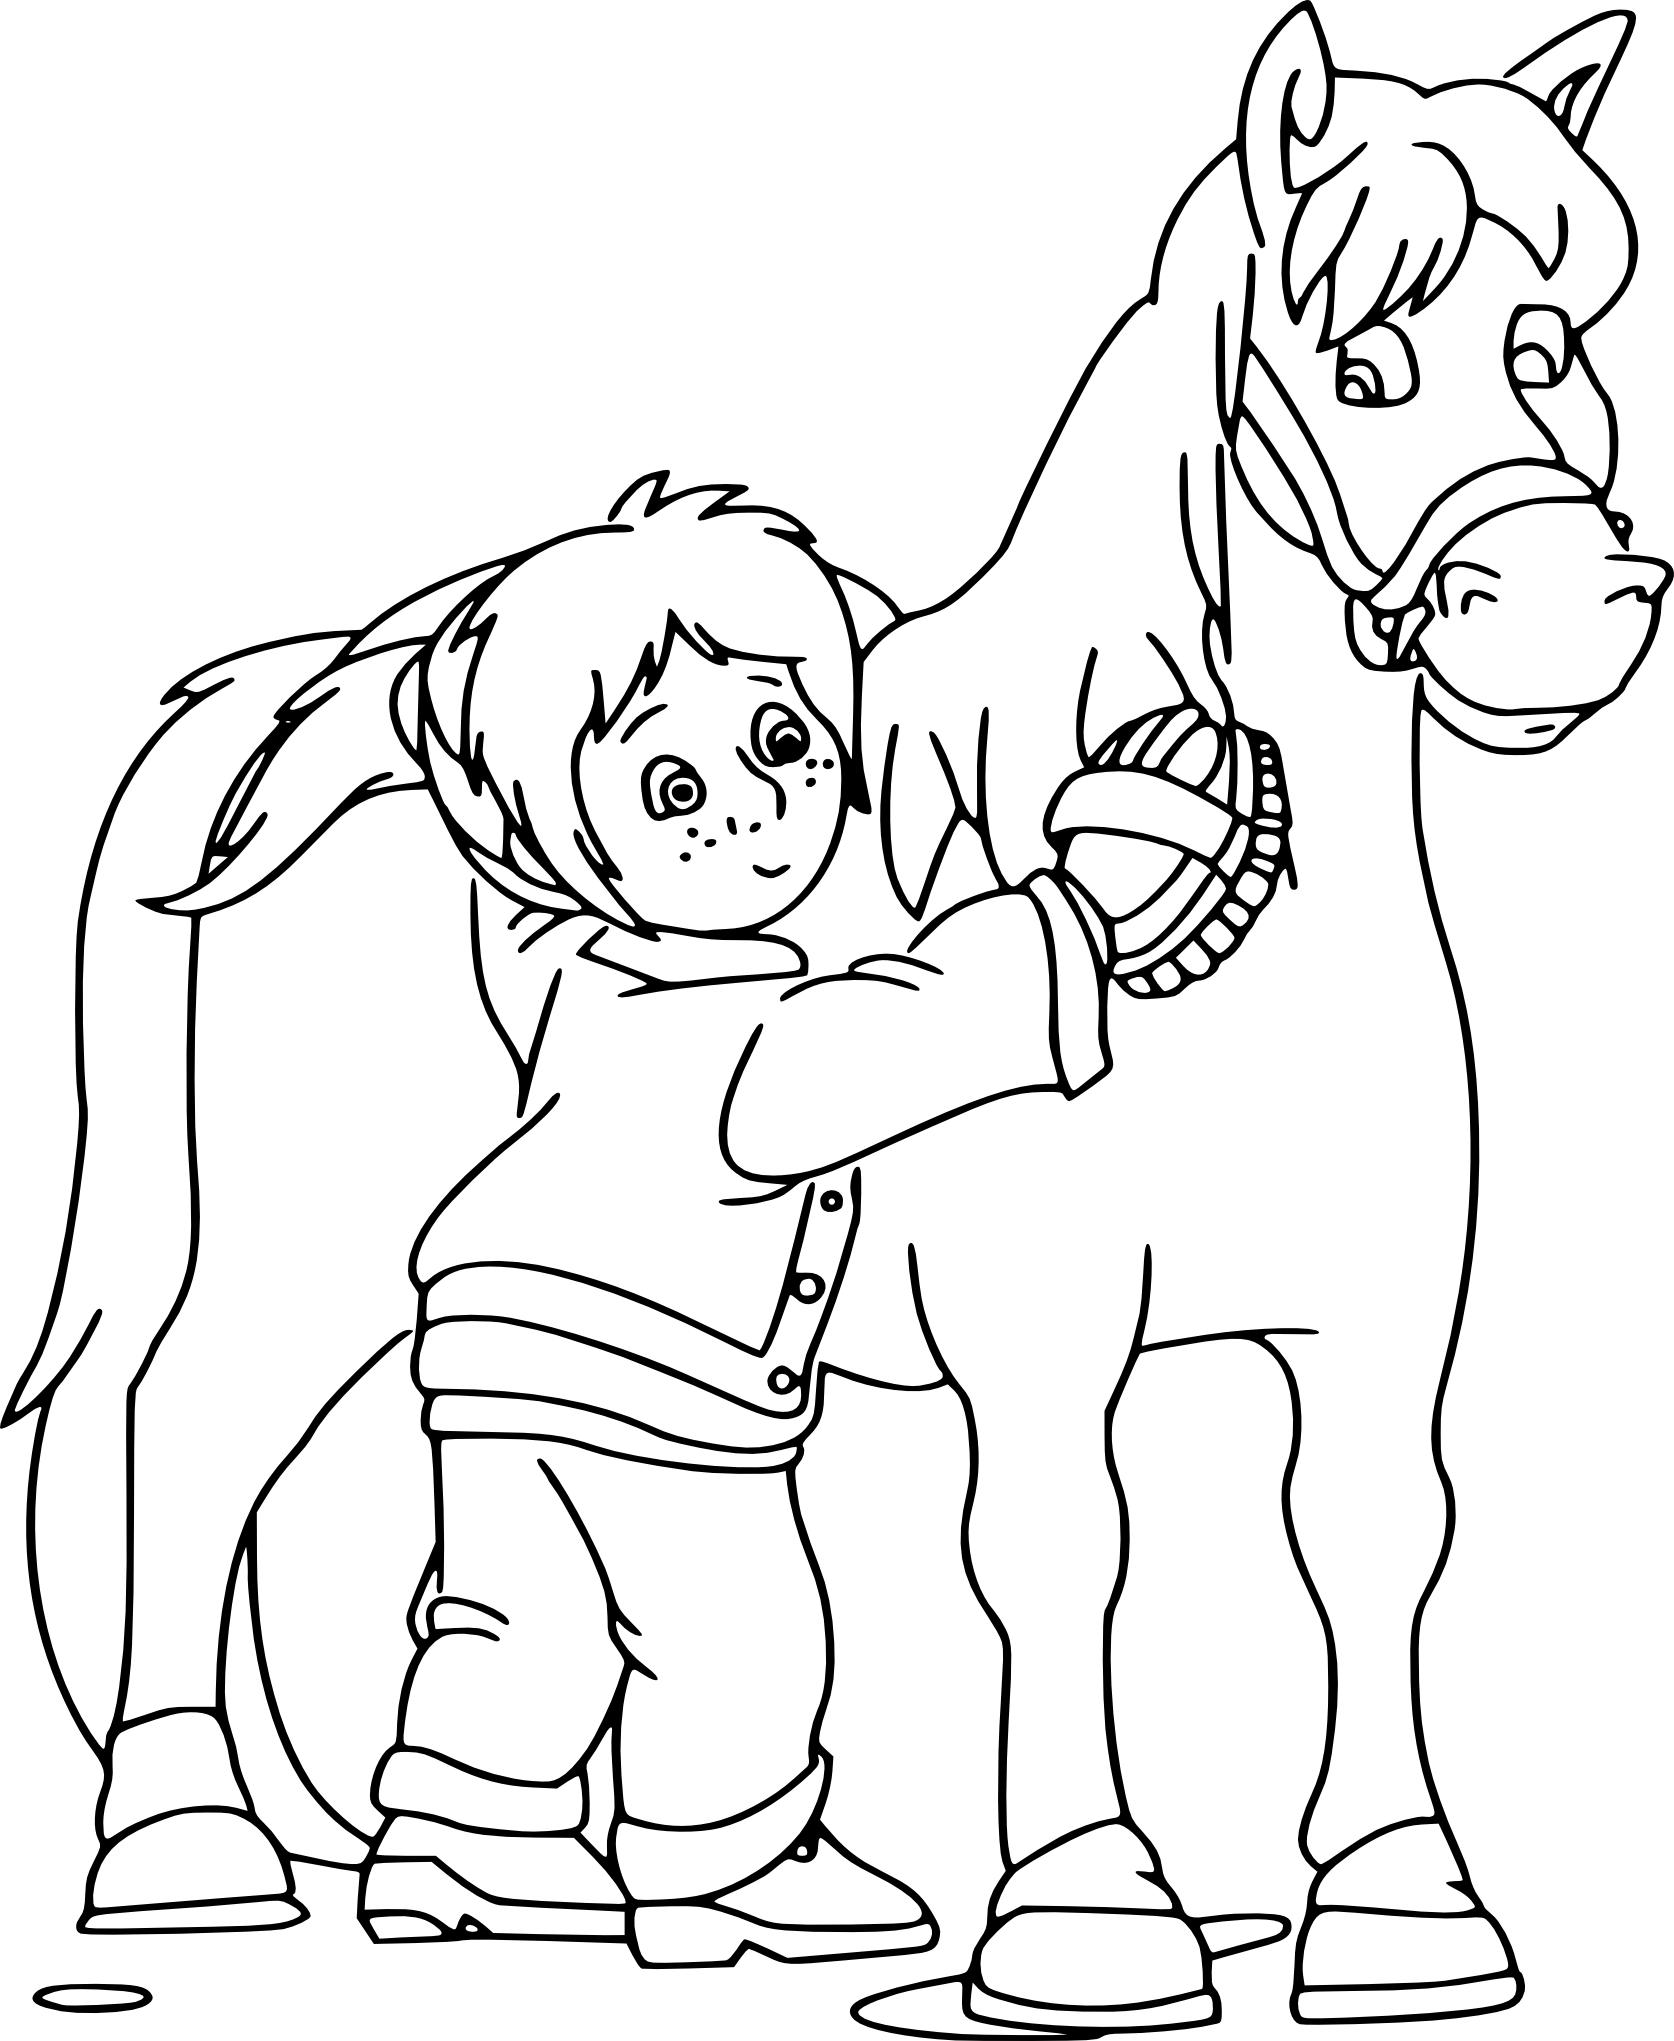 coloriage fille et cheval imprimer - Coloriage Fille